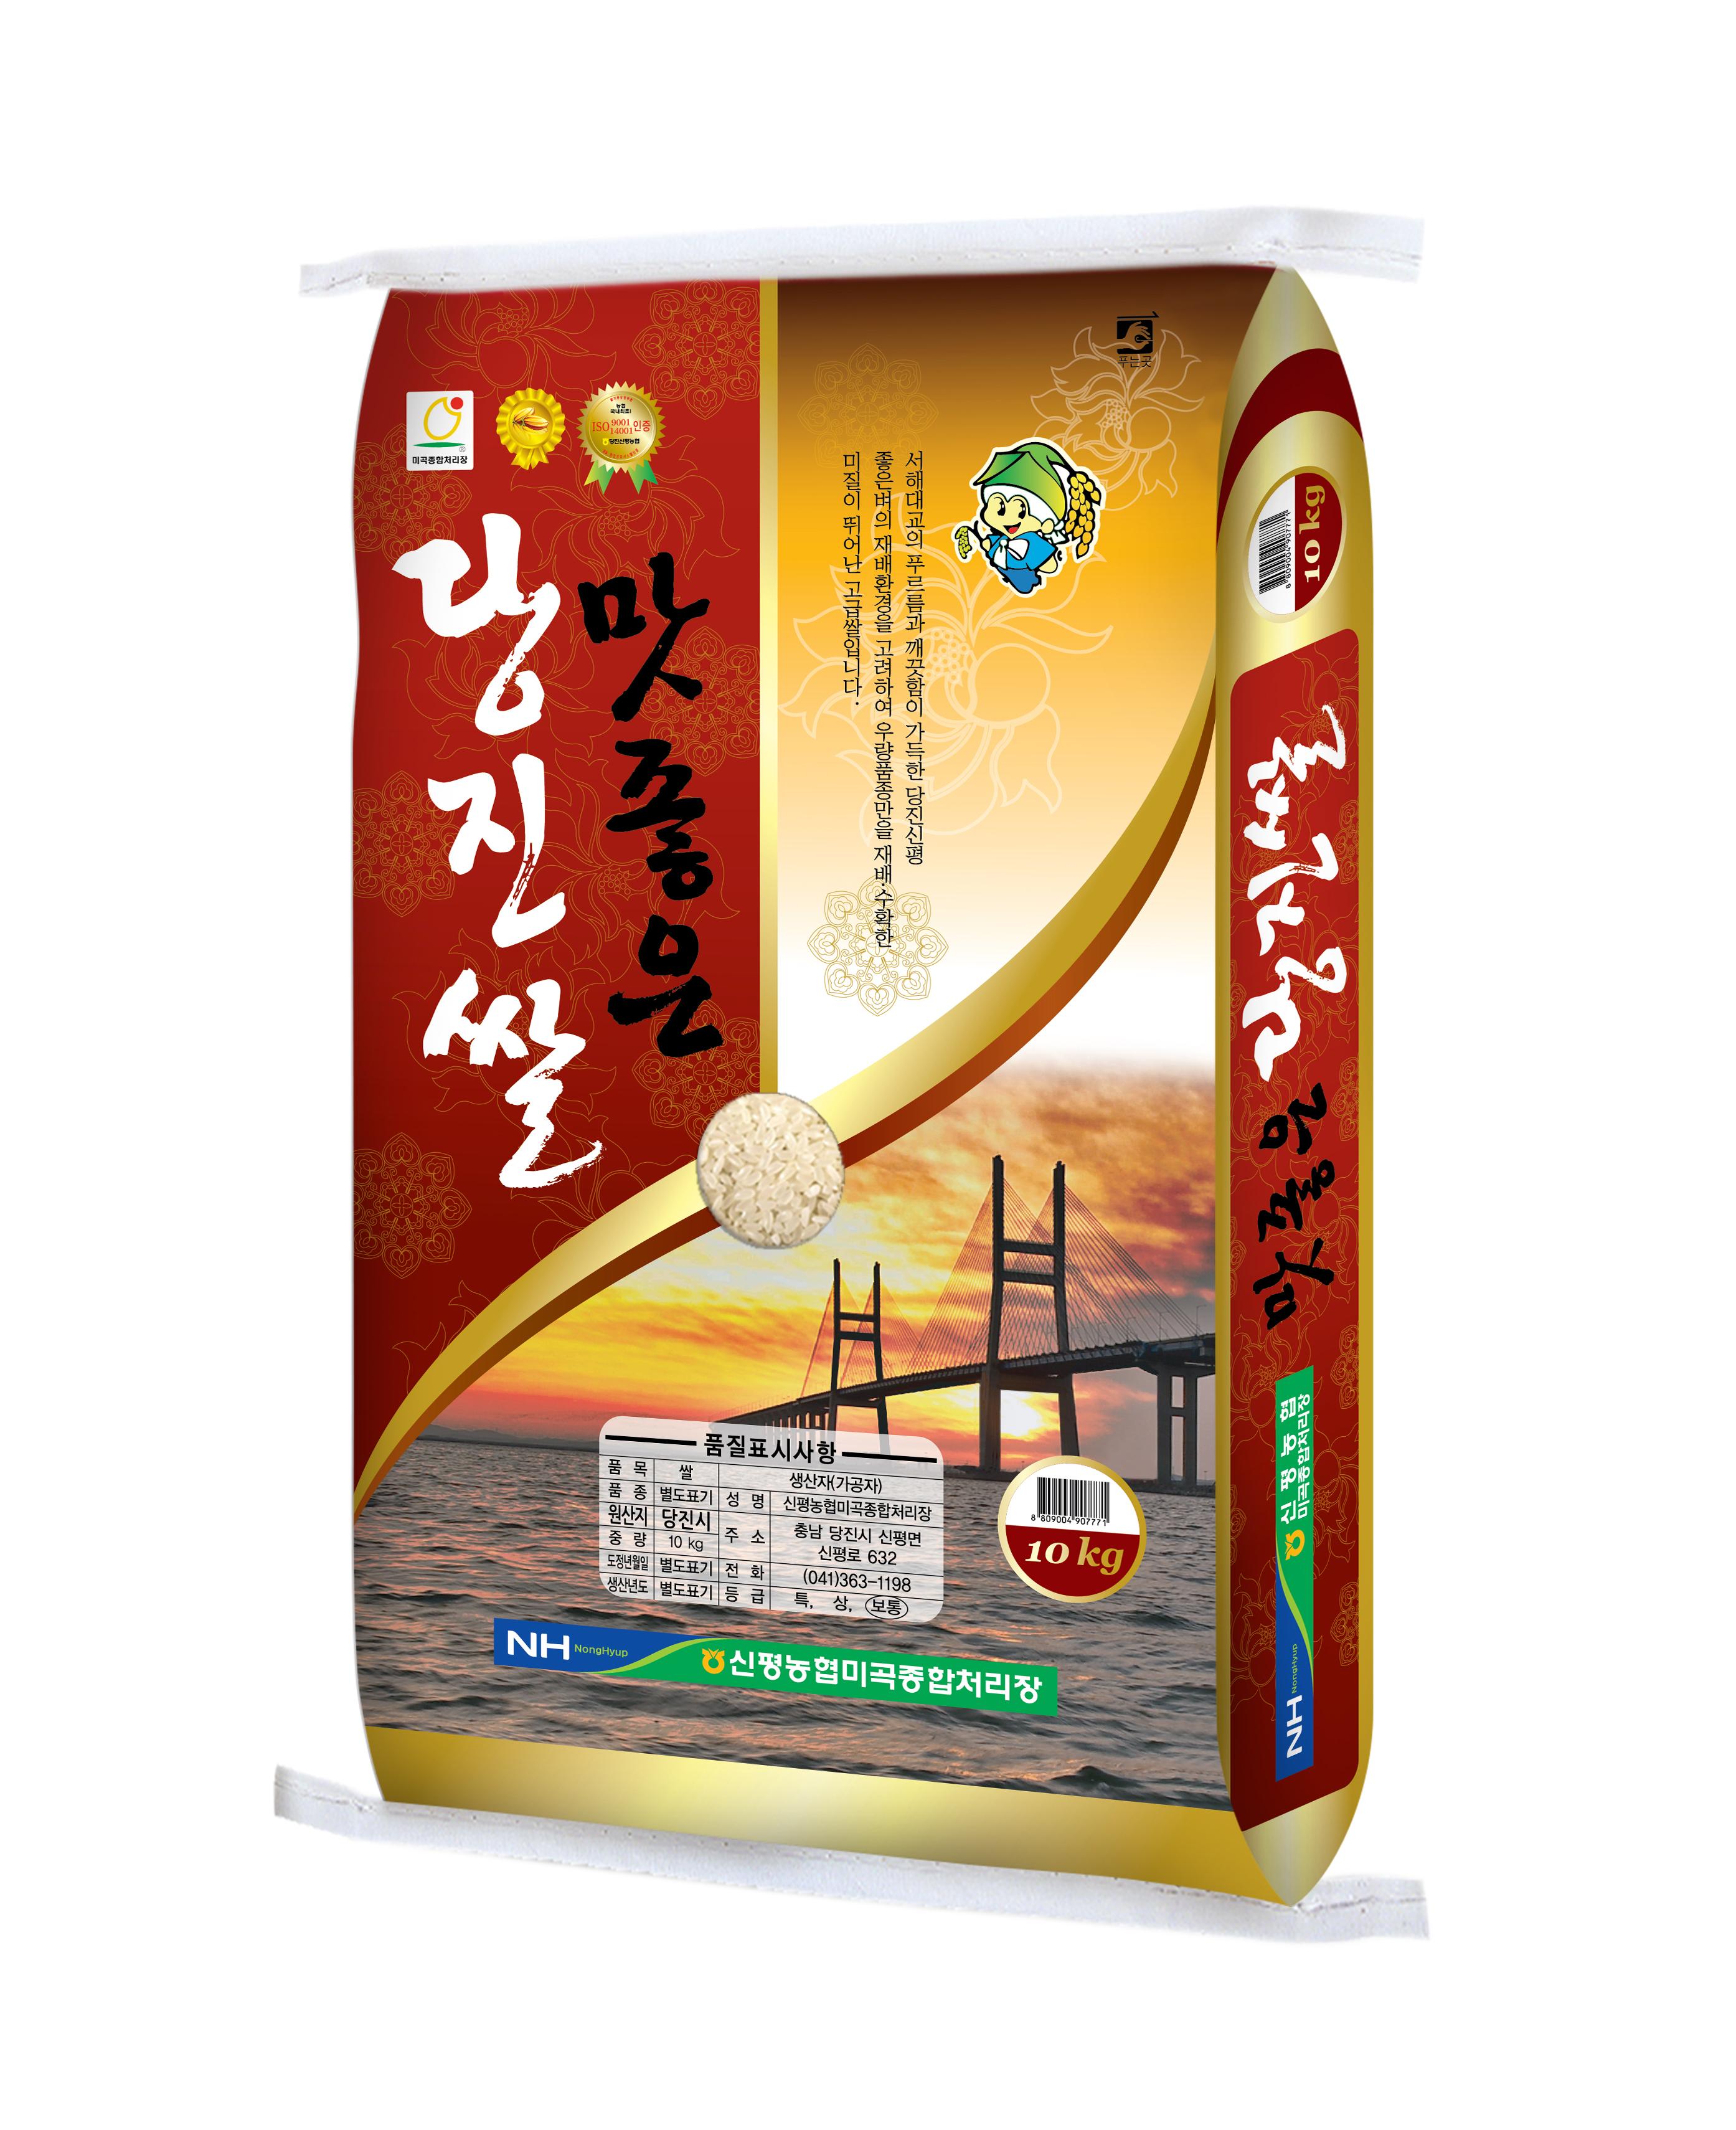 농협 2020년 맛좋은 당진쌀, 10kg, 1개